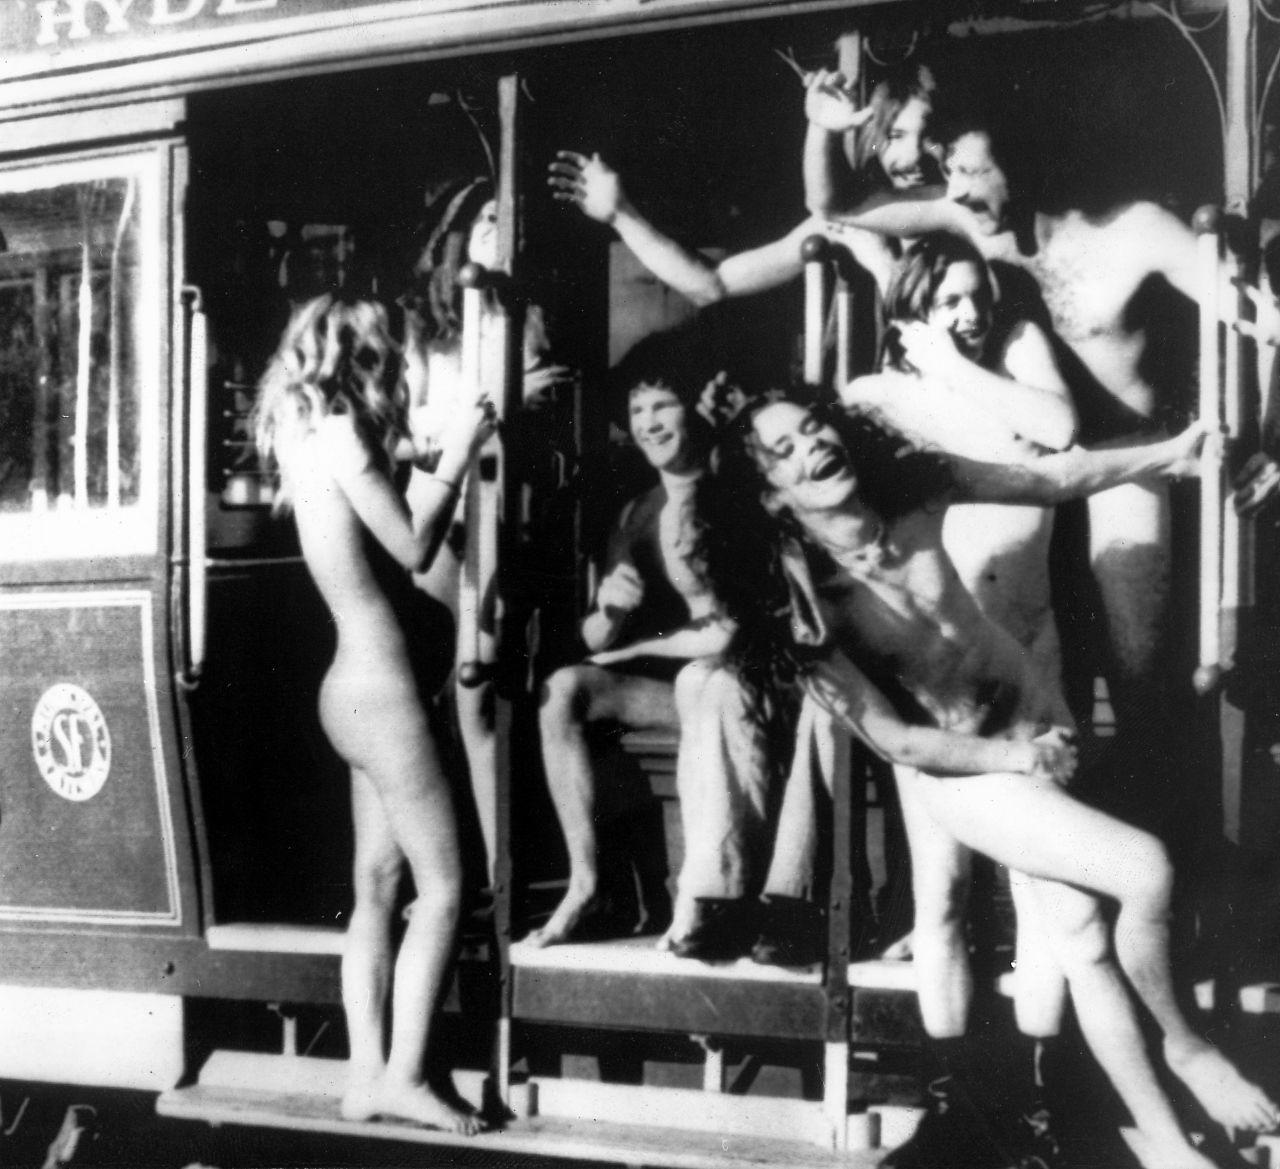 Nackte Hippies in einem Bus in San Francisco